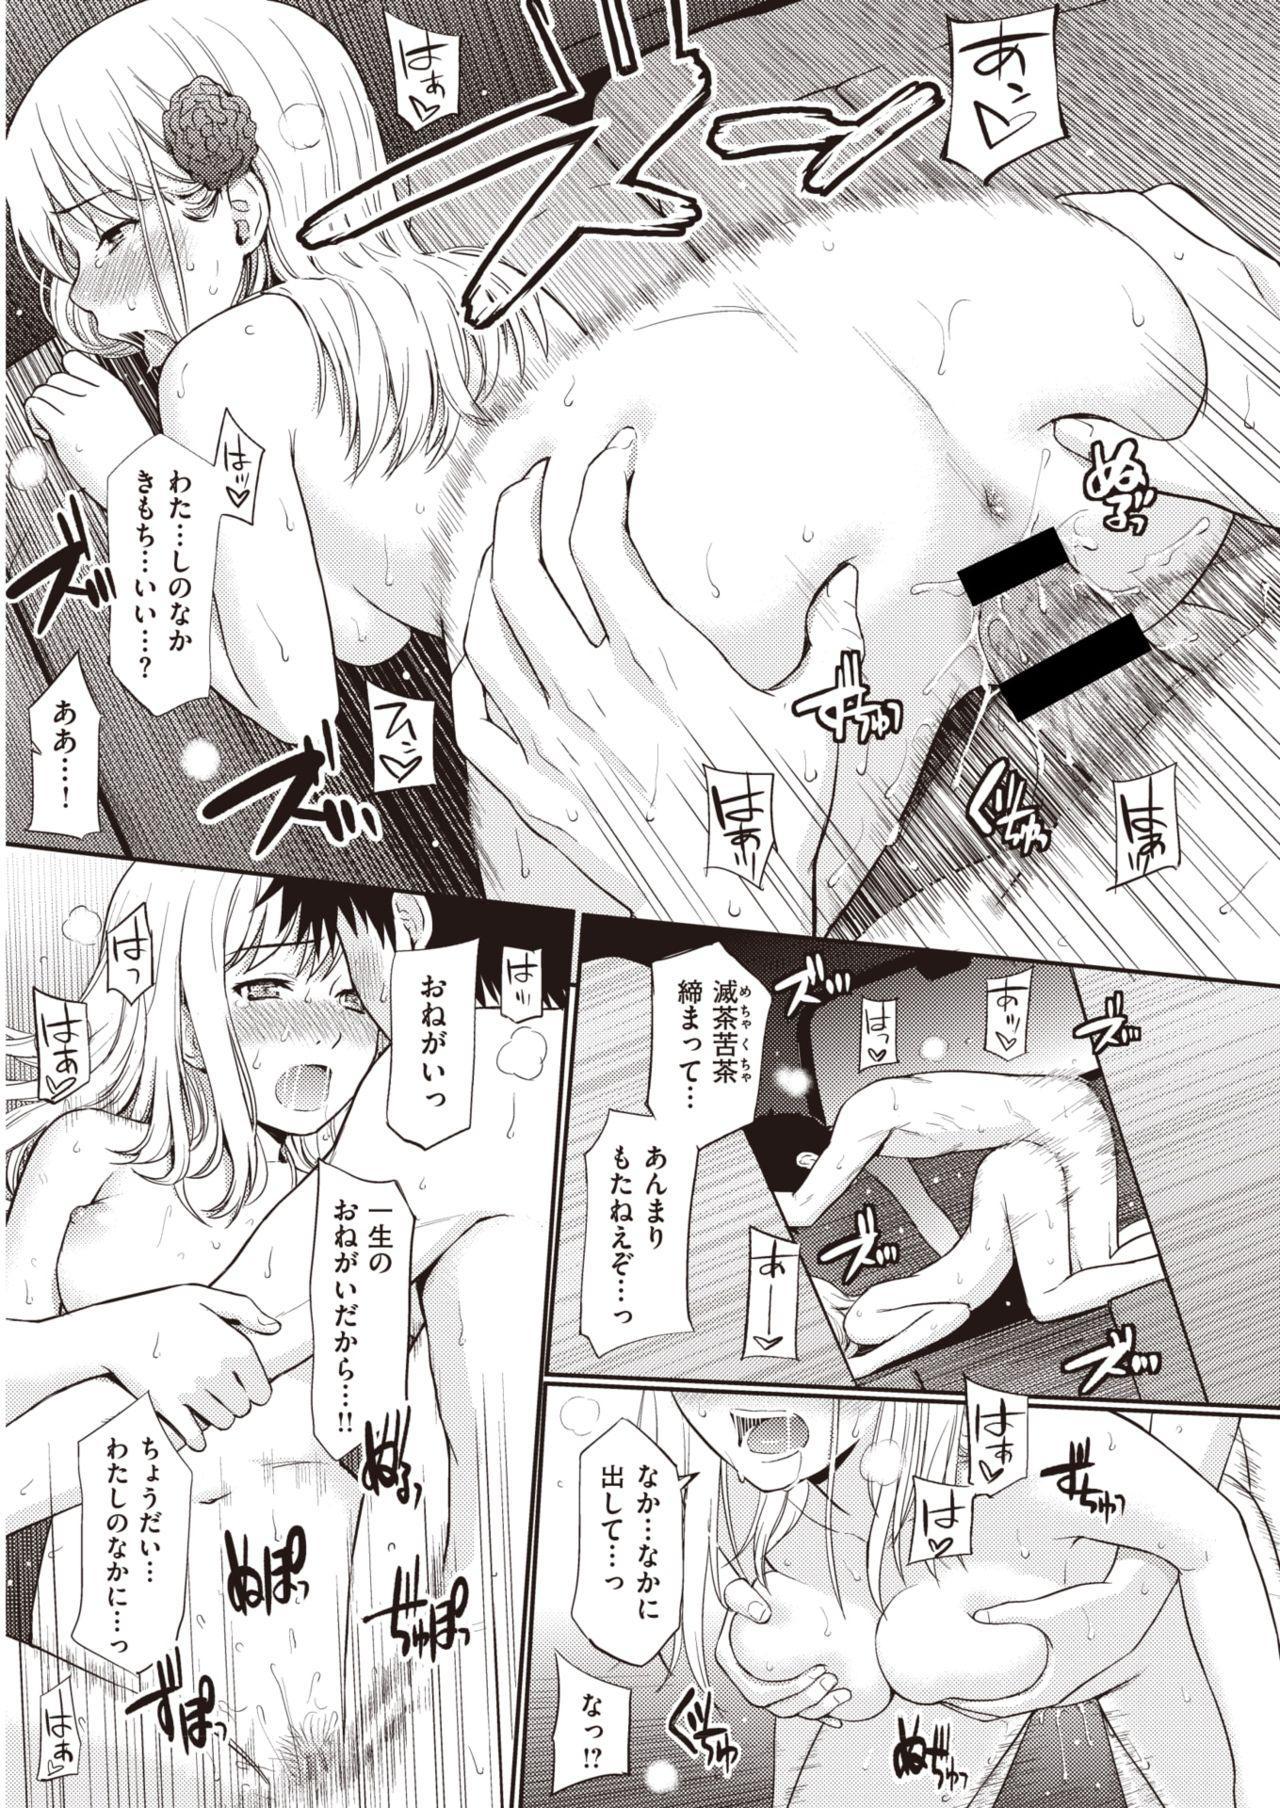 COMIC Kairakuten 25 Shuunen kinen tokubetsugou 269